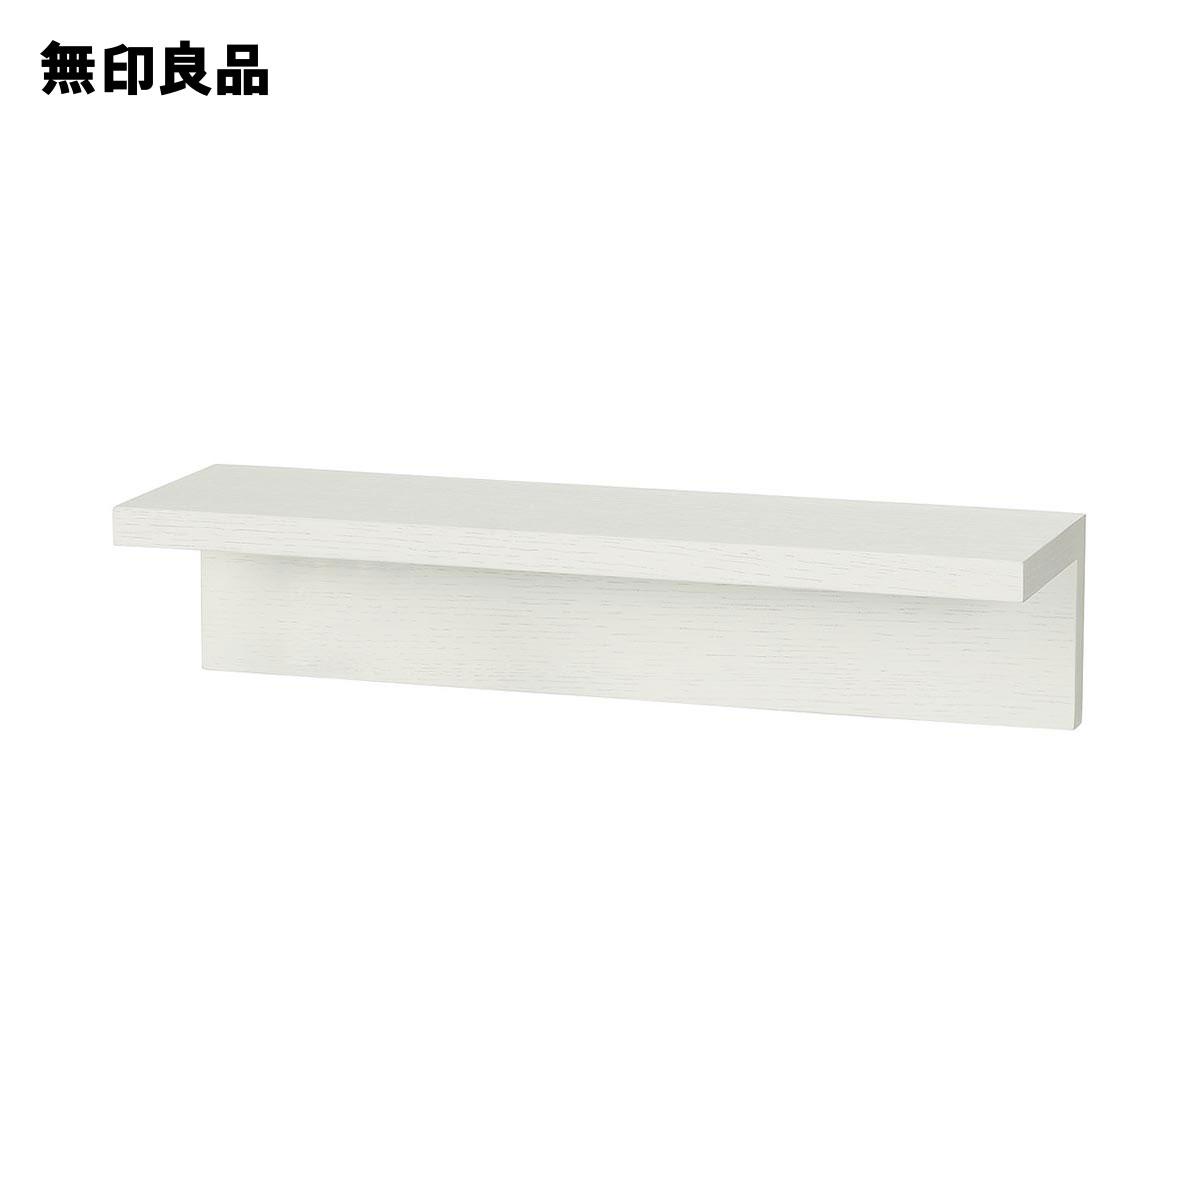 無印良品 公式 18%OFF 壁に付けられる家具棚 ライトグレー44cm オーク材突板 メーカー公式ショップ